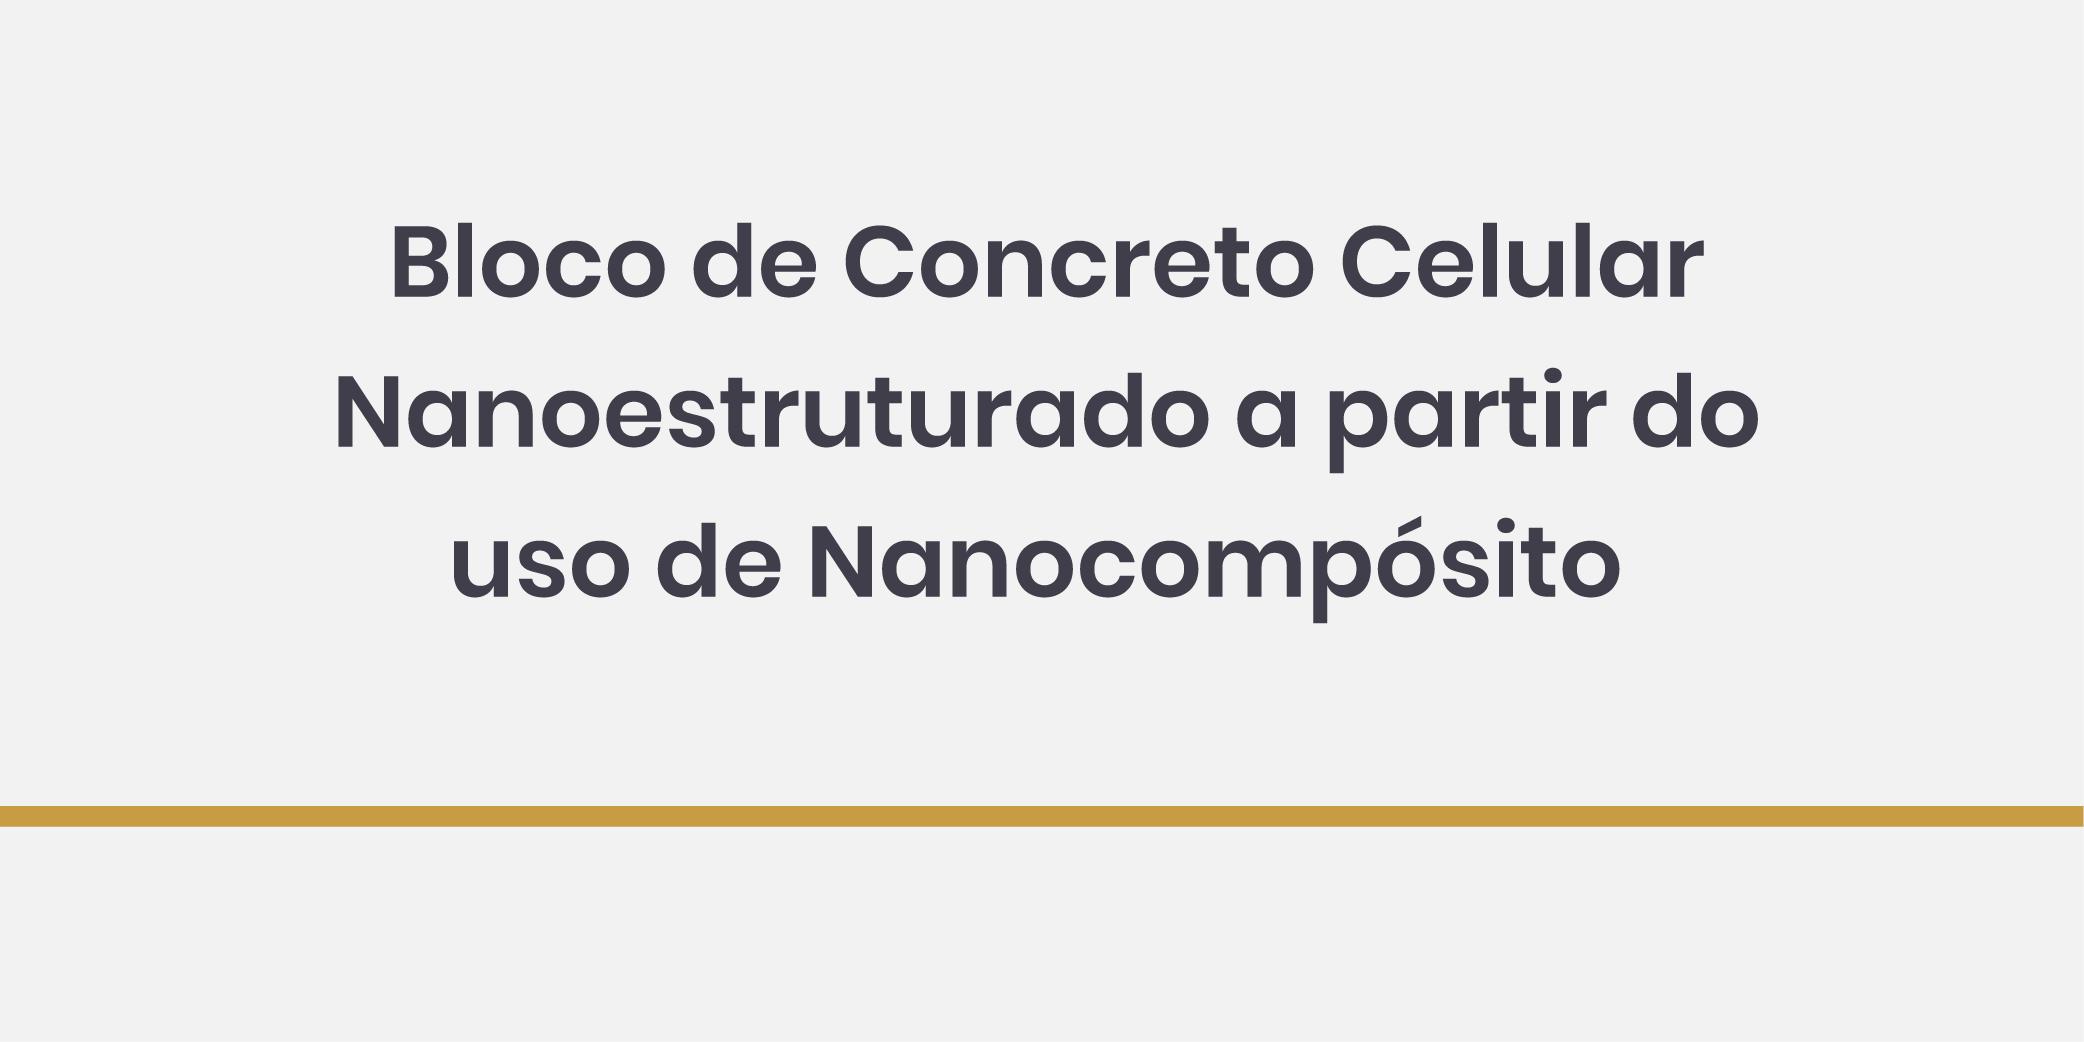 Bloco de Concreto Celular Nanoestruturado a partir do uso de Nanocompósito